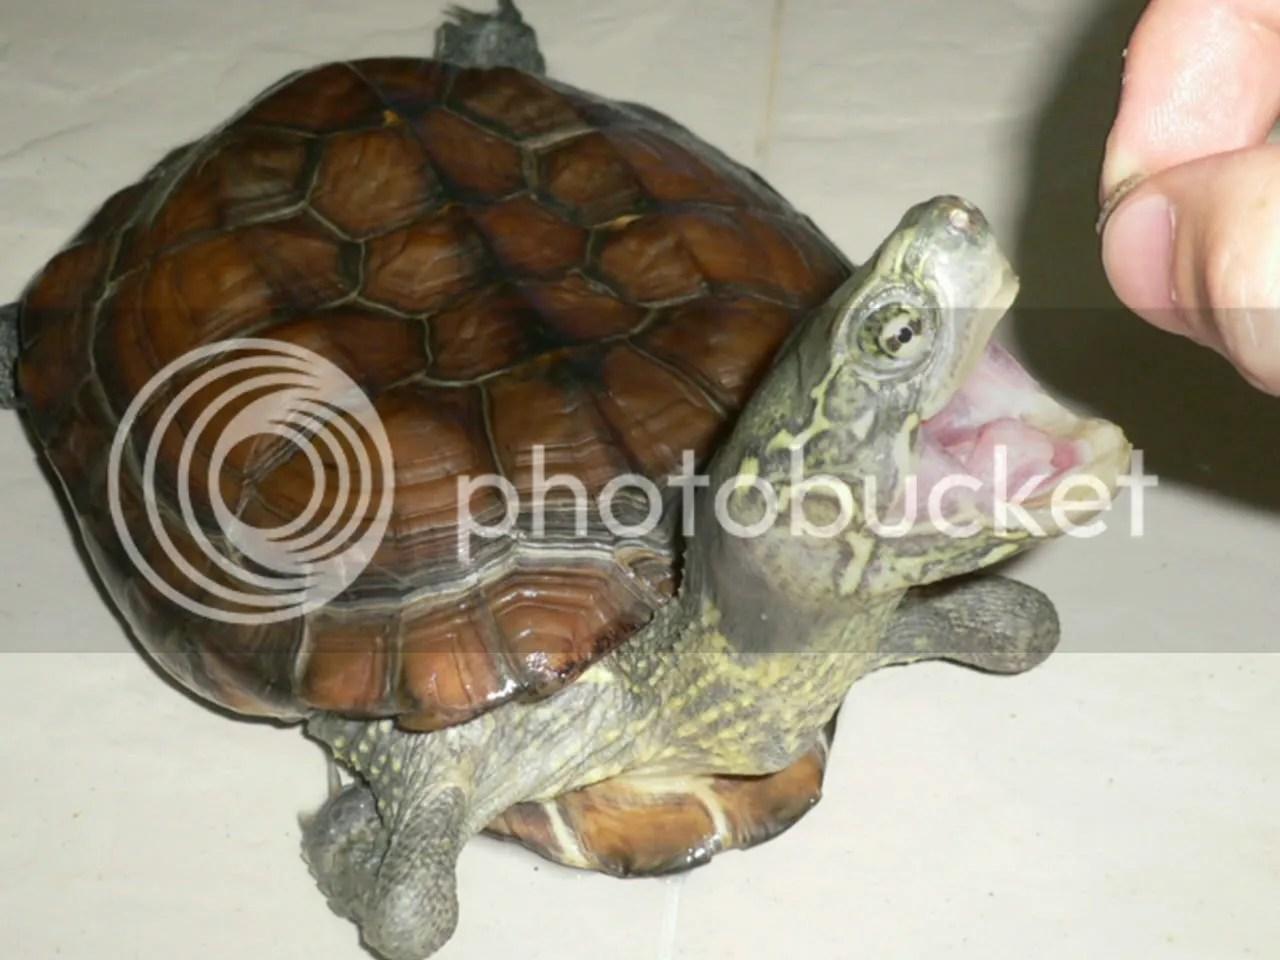 珍珠龜 | [組圖+影片] 的最新詳盡資料** (必看!!) - www.go2tutor.com